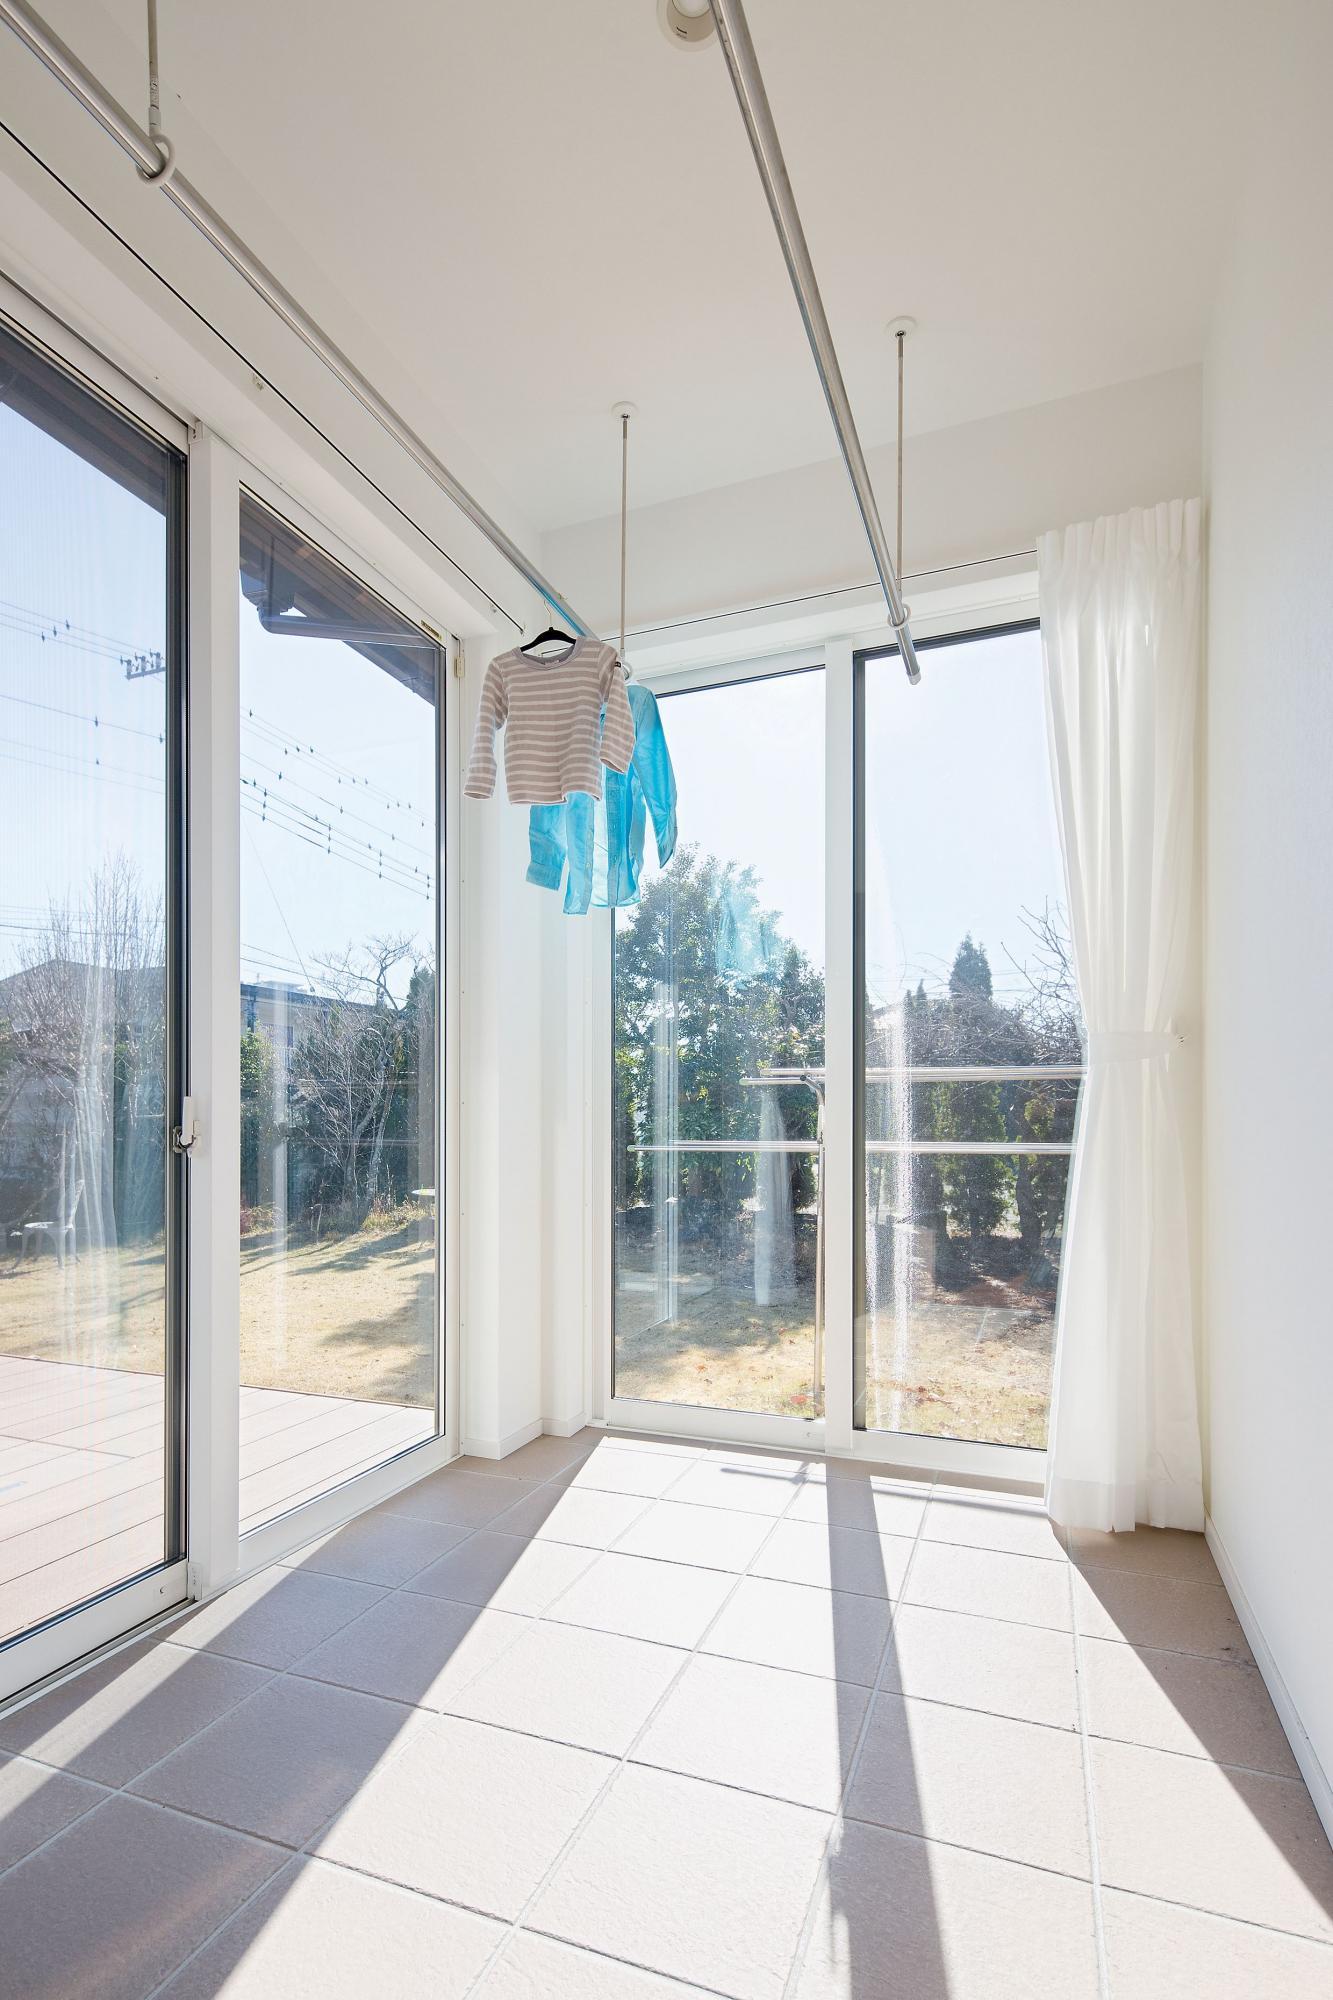 奥様の希望によりサンルームを設置。雨の日でも洗濯物が干せるので便利。